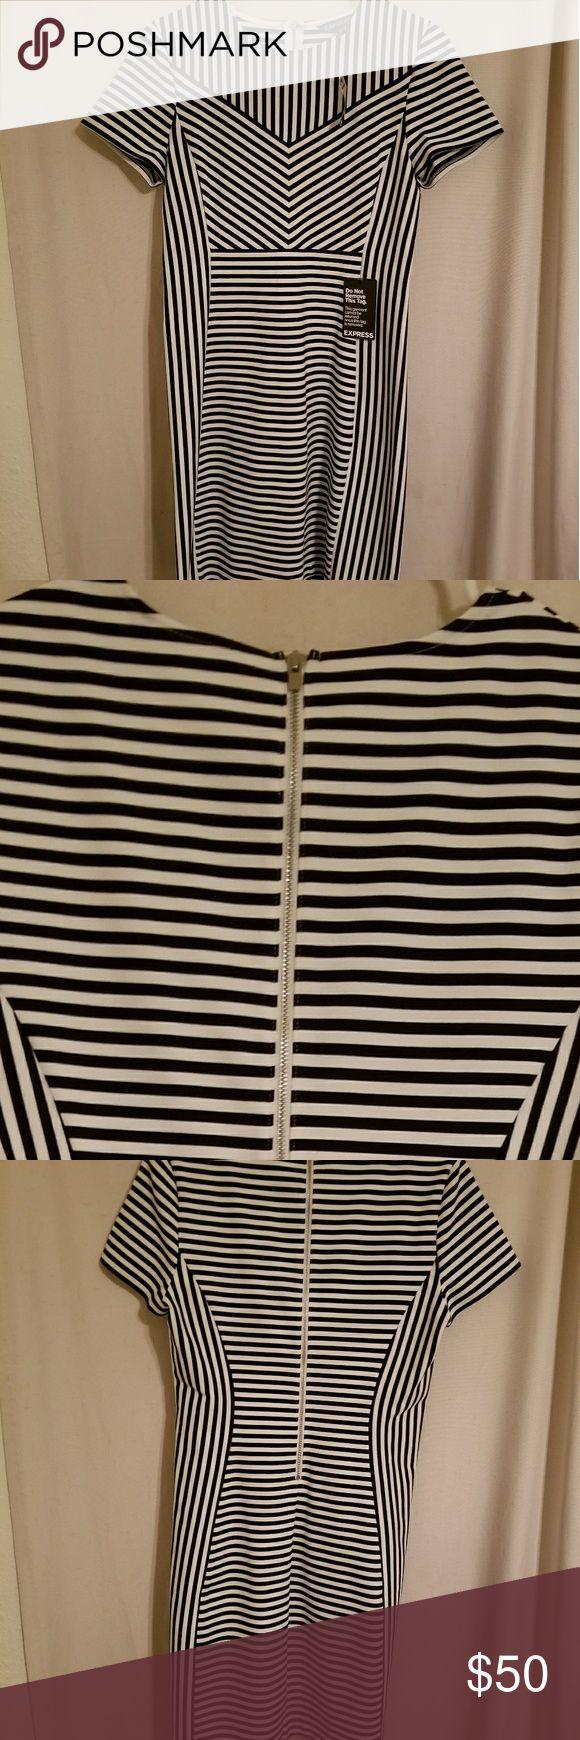 Striped mini dress Express brand striped mini dress, very form fitting mom dress Express Dresses Mini